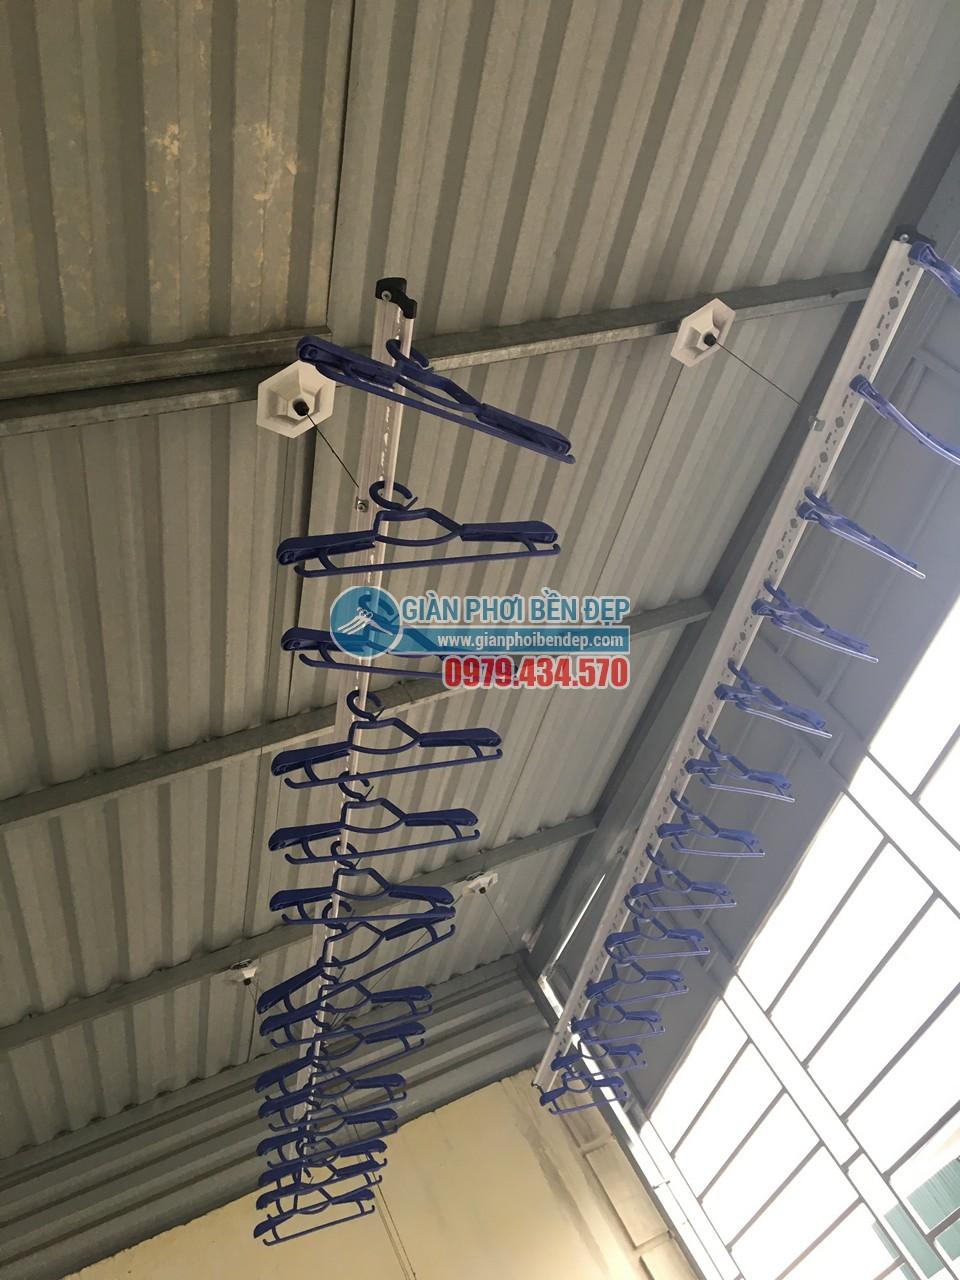 Lắp đặt giàn phơi quần áo thông minh tại trần mái tôn nhà anh Linh, Tân Triều